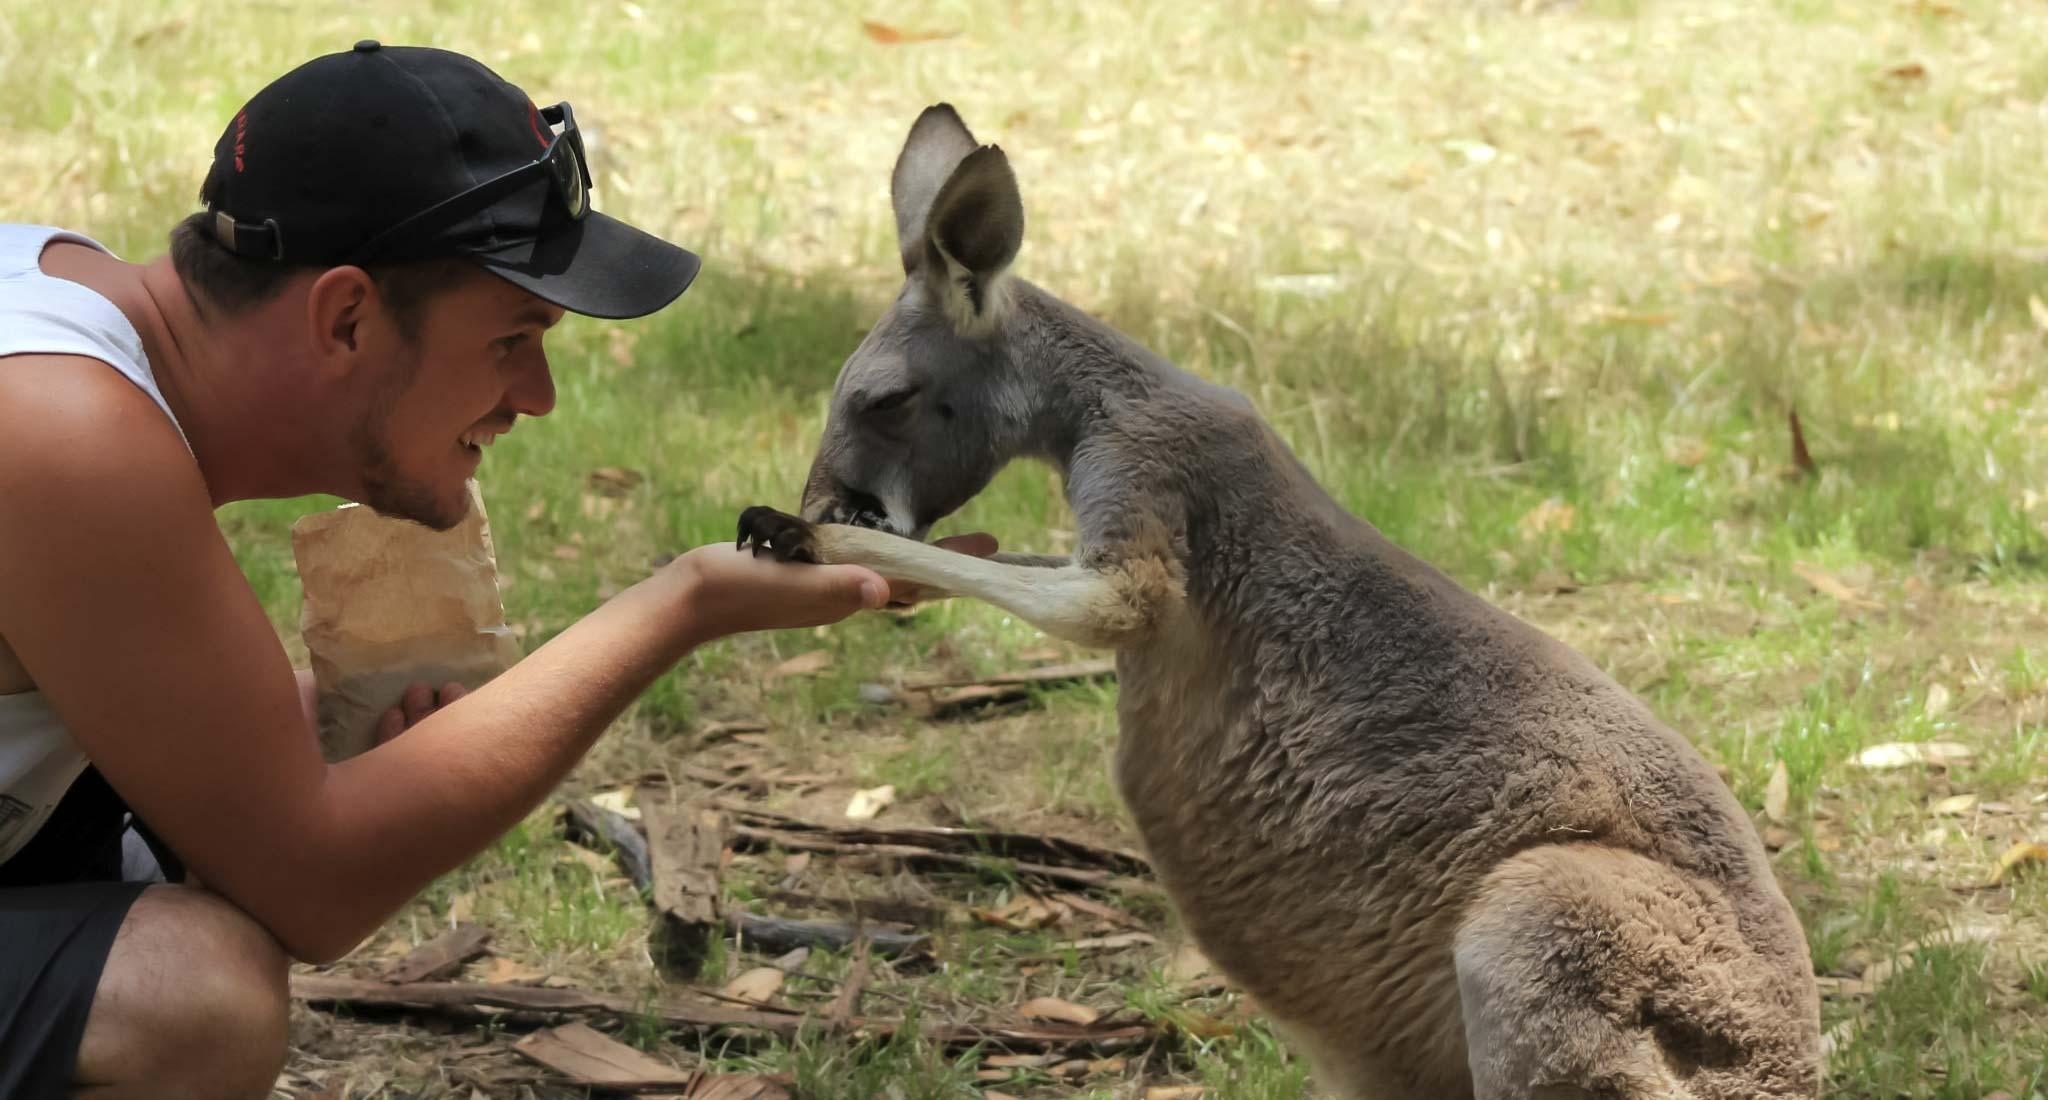 Кенгуру с Дэном [19659021] Встреча с местными жителями недалеко от Аделаиды  </div> <h2> 5. Проведите время с «Русами и Коалами»</h2> <p>Ни один список путешествий по Австралии не будет полным без встреч с пушистыми друзьями. Конечно, вы не ограничены одним конкретным местом, чтобы встретиться лицом к лицу с этими местными жителями. Парк Коала на Магнитном острове предлагает встречи с близкого расстояния, а на Великой океанской дороге вы, вероятно, заметите некоторых на деревьях с хорошими глазами.</p> <p>Что касается кенгуру, опять же не спускайте глаз, но для меня парк недалеко от Аделаиды была выдающимся опытом для их встречи, поскольку они размещены в огромном природном парке для их защиты из-за близости к городской черте.</p> <div id=